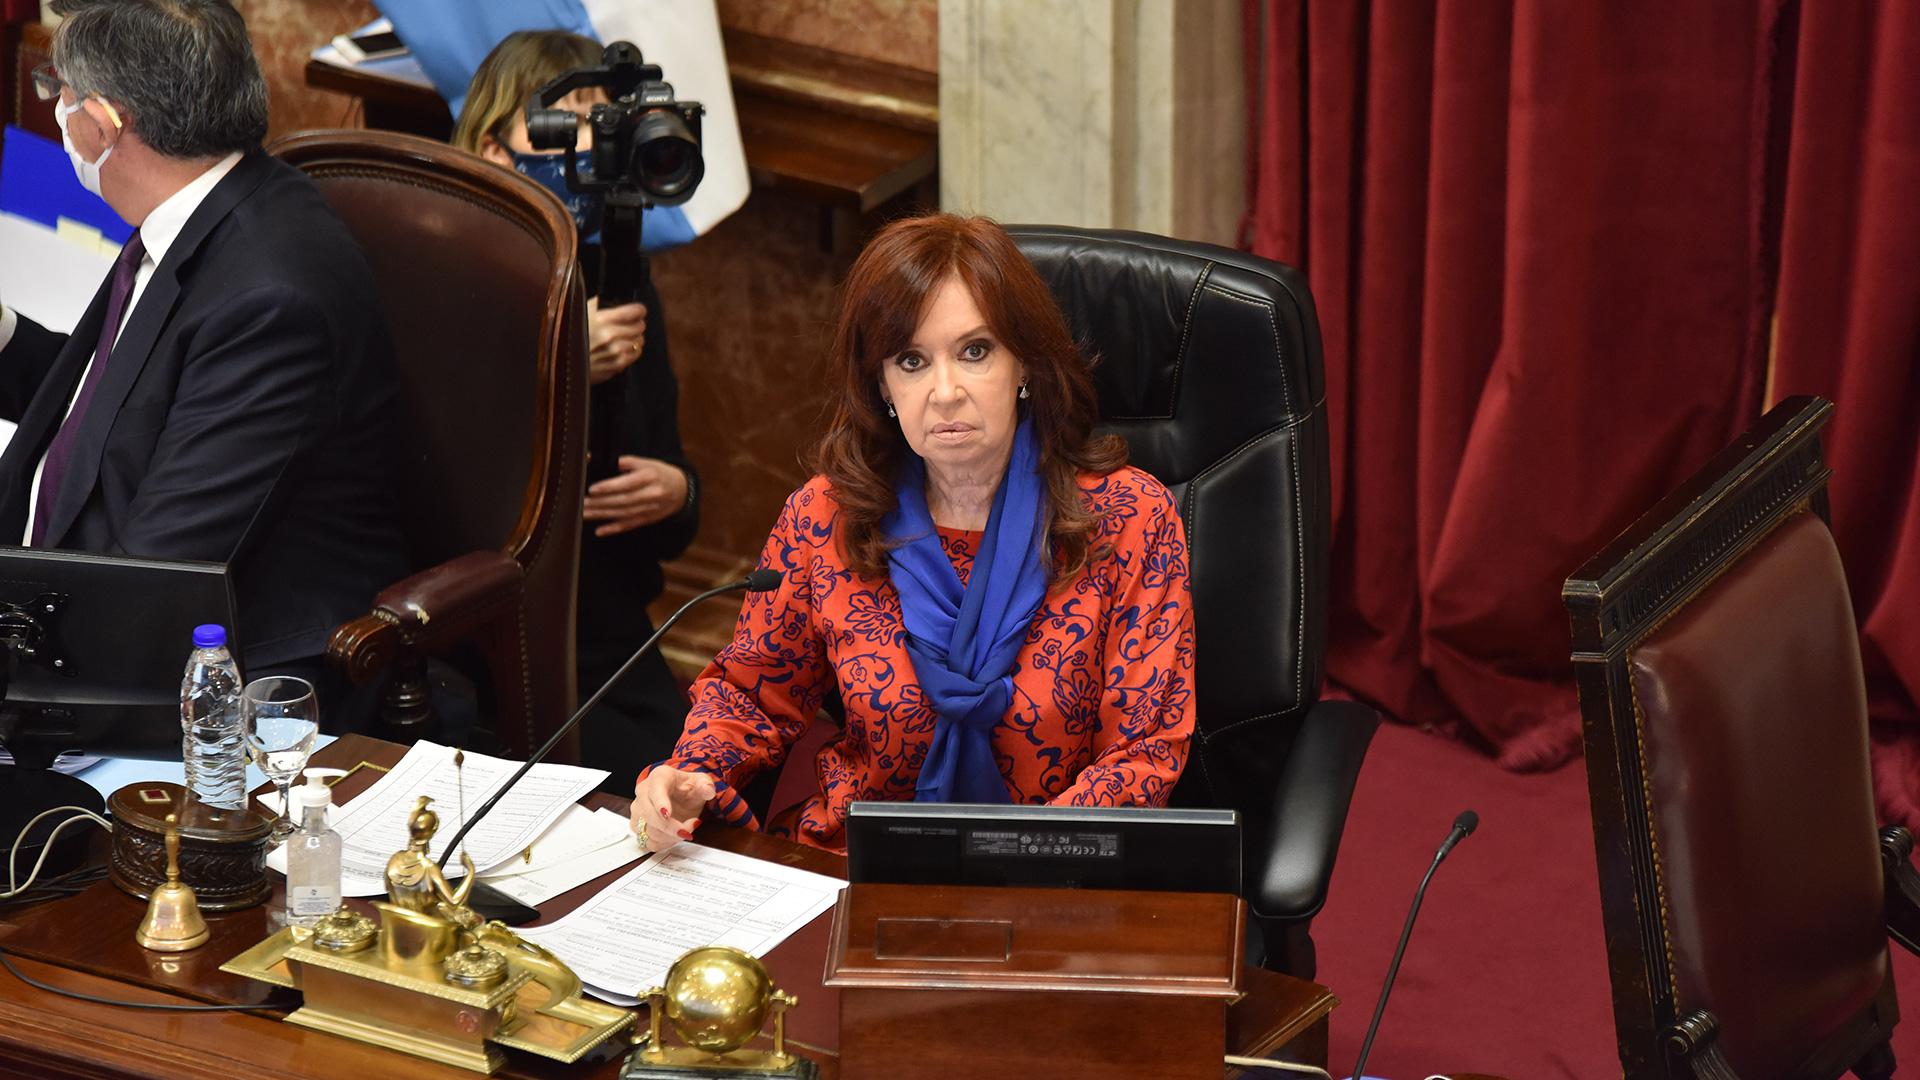 El 13 de mayo, el Senado tuvo su primera sesión virtual de la historia. Presidida en forma presencial por Cristina Fernández de Kirchner, se aprobaron una veintena de decretos de necesidad y urgencia dictados por el Gobierno. El debate se extendió durante cinco horas y media.